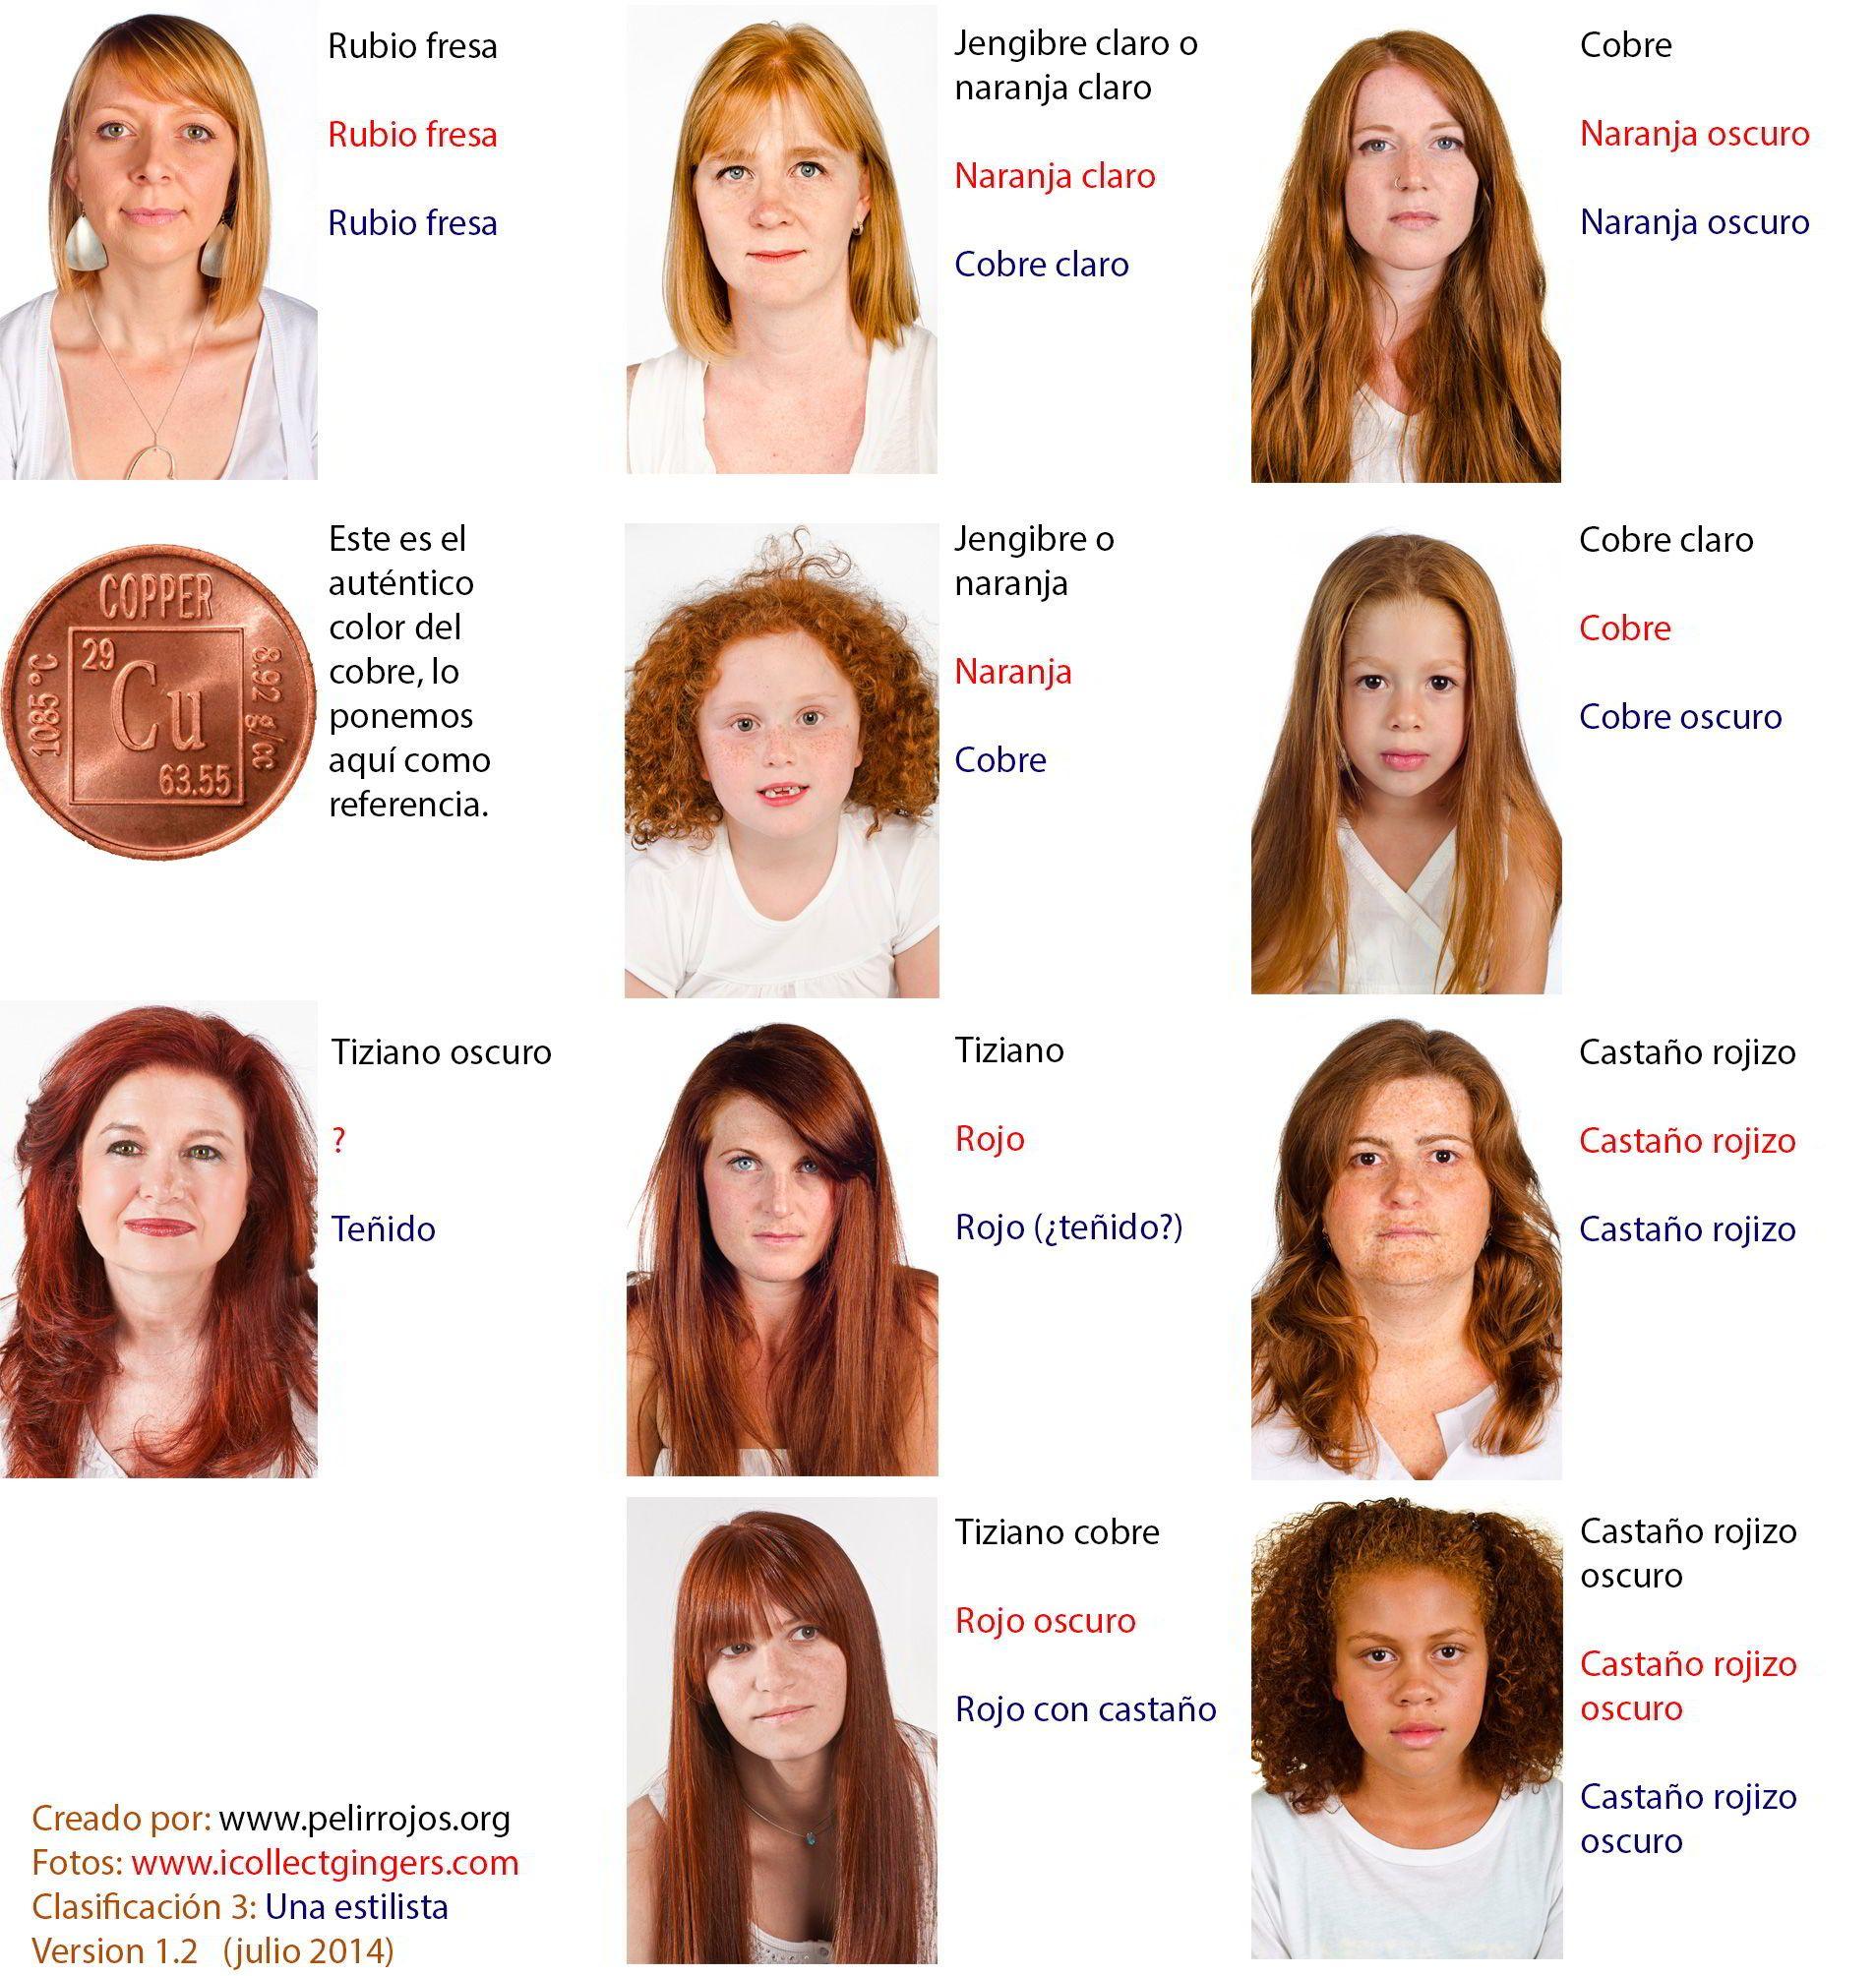 Resultado de imagen para tipos de color de piel que